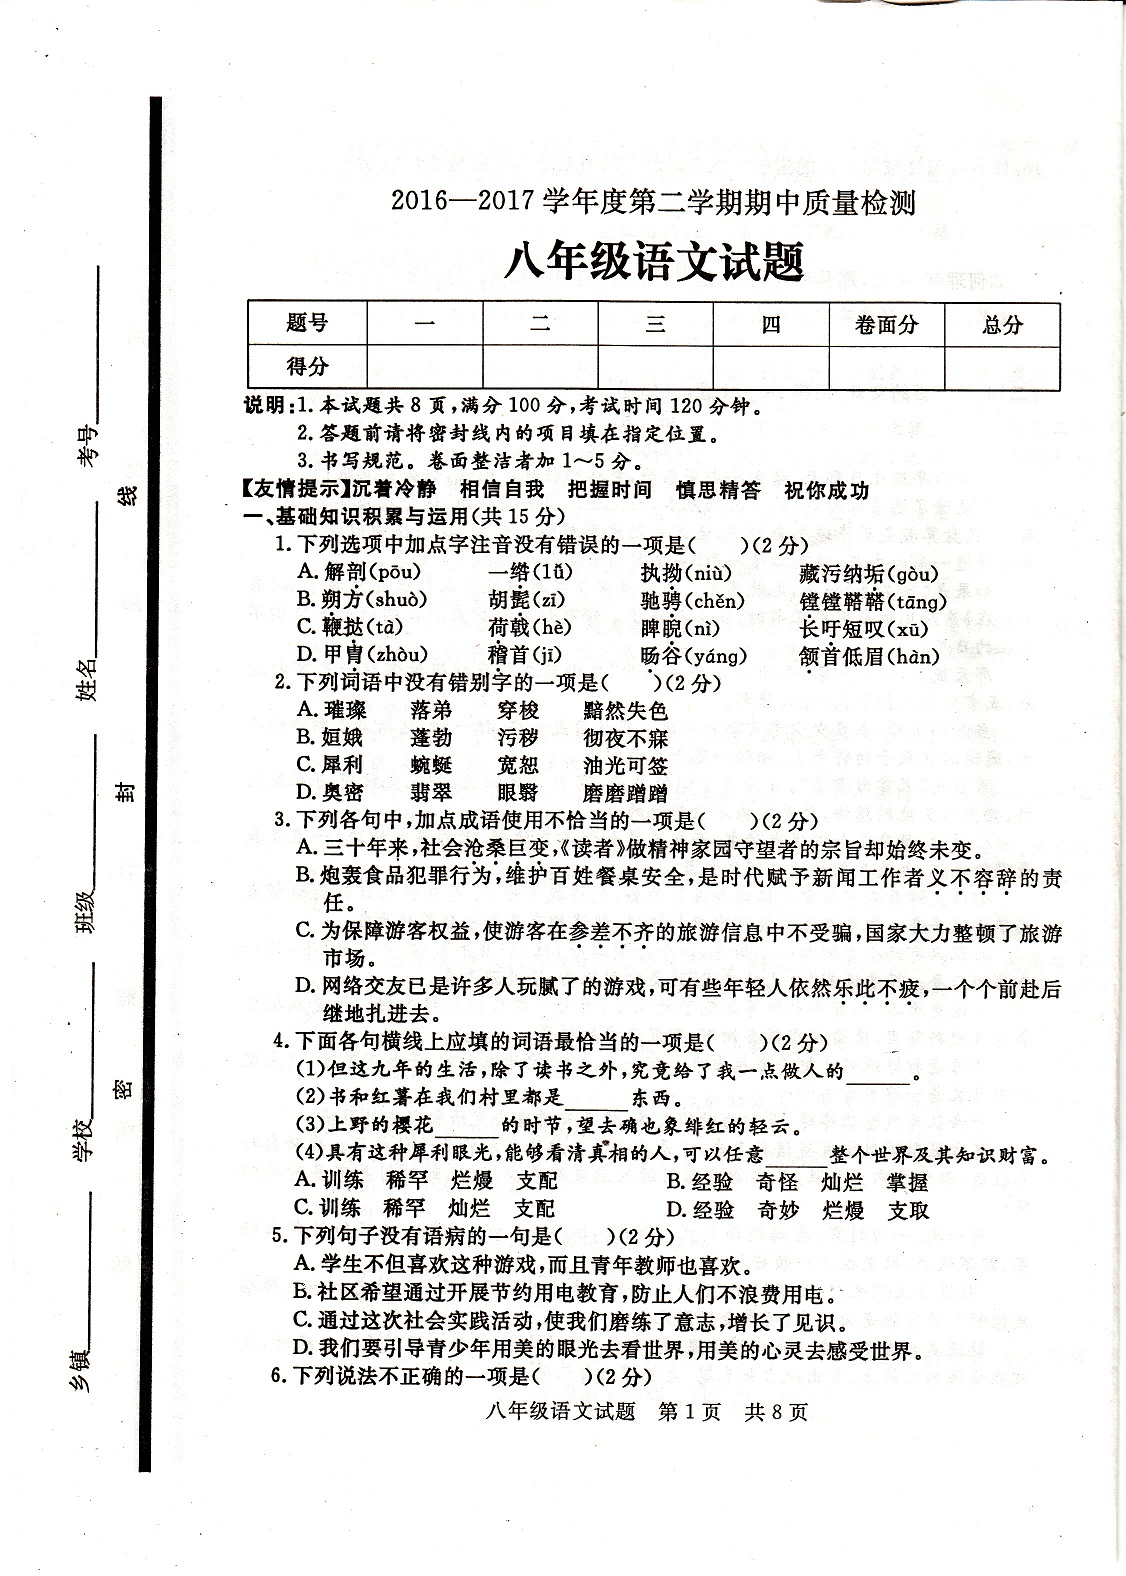 2017山东济宁兖州八年级下期中语文试卷(图片